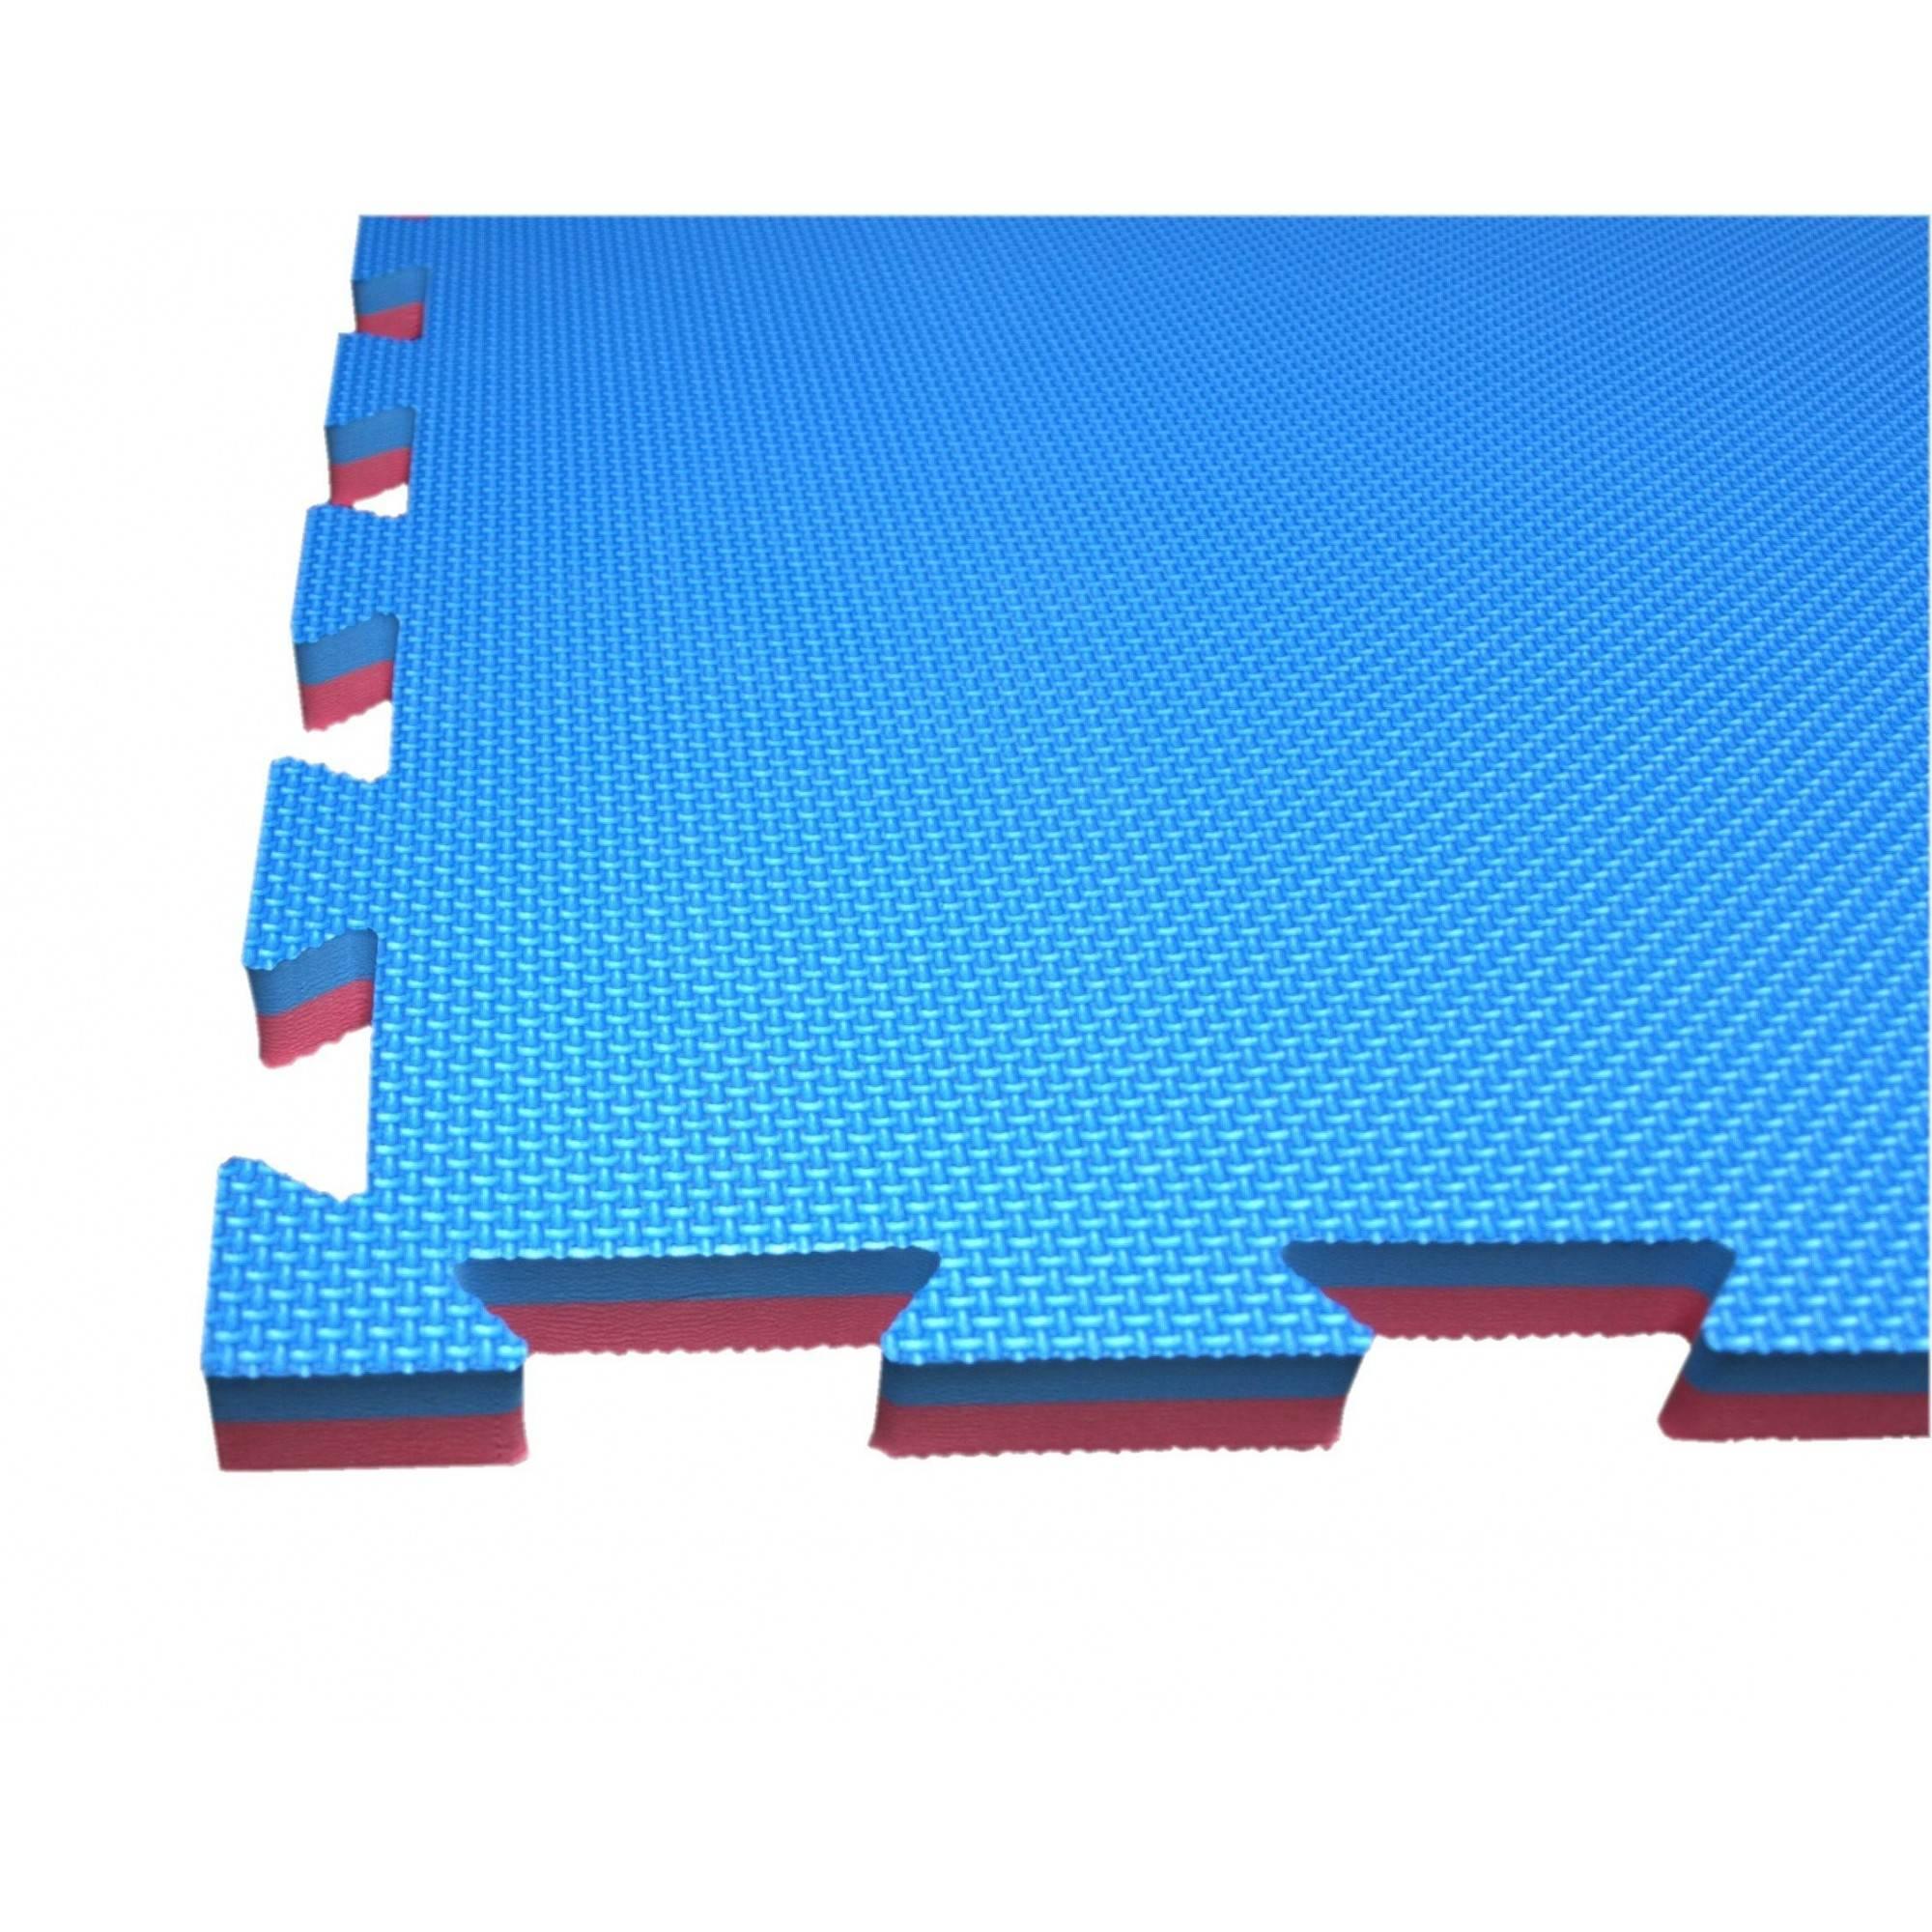 Mata amortyzująca puzzle 100x100x2,5cm 1szt SPARTAN SPORT NIEBIESKO-CZERWONA,producent: SPARTAN SPORT, zdjecie photo: 1 | online